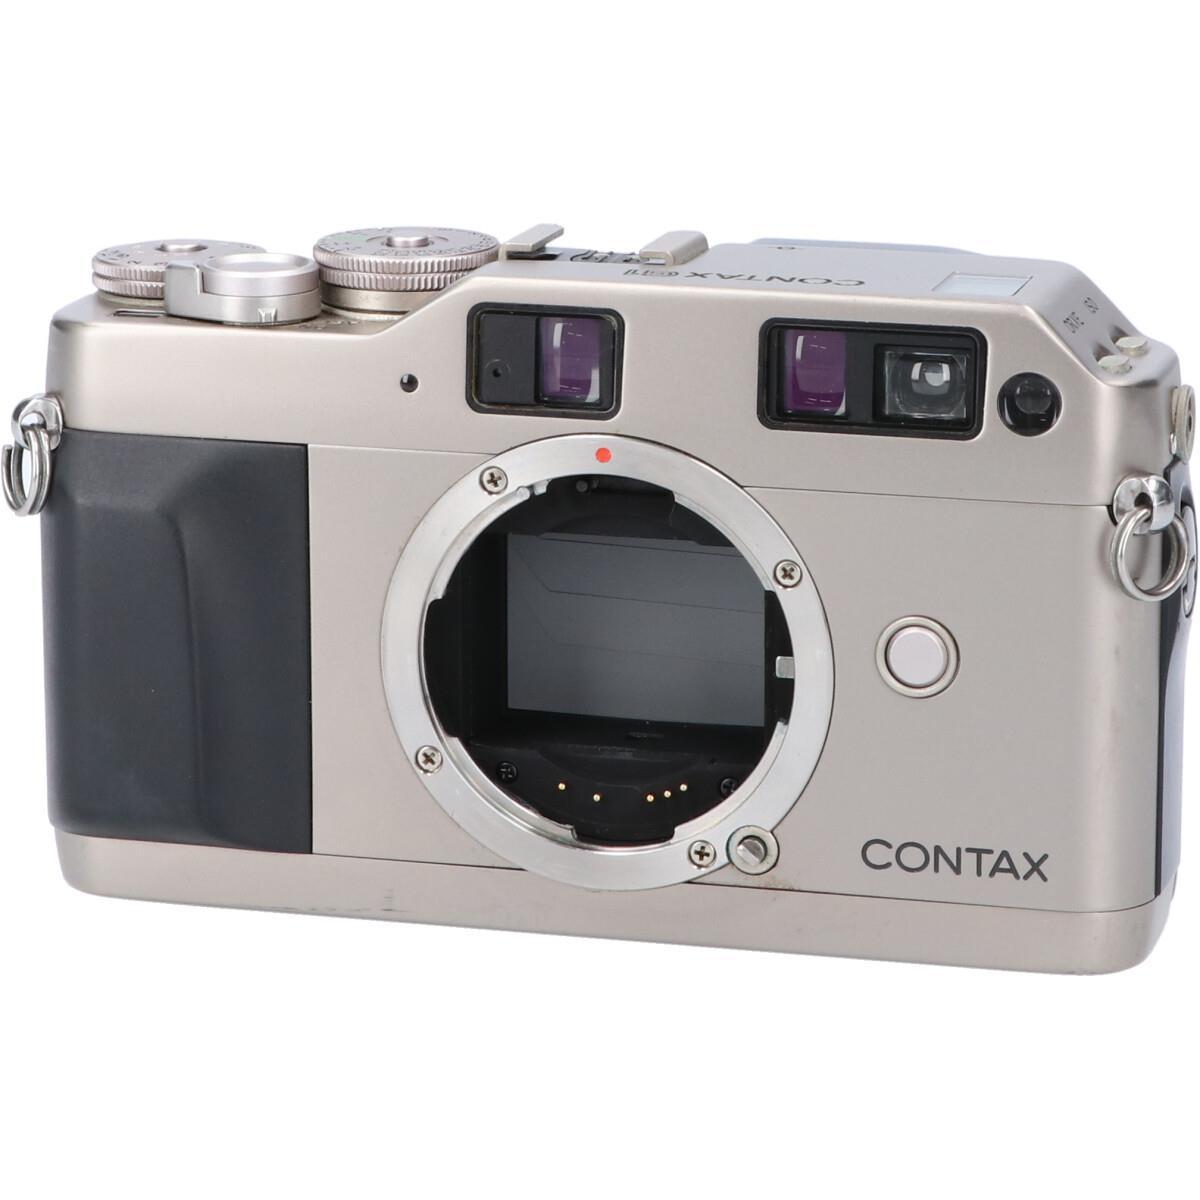 フィルムカメラ, フィルム一眼レフカメラ CONTAX G1